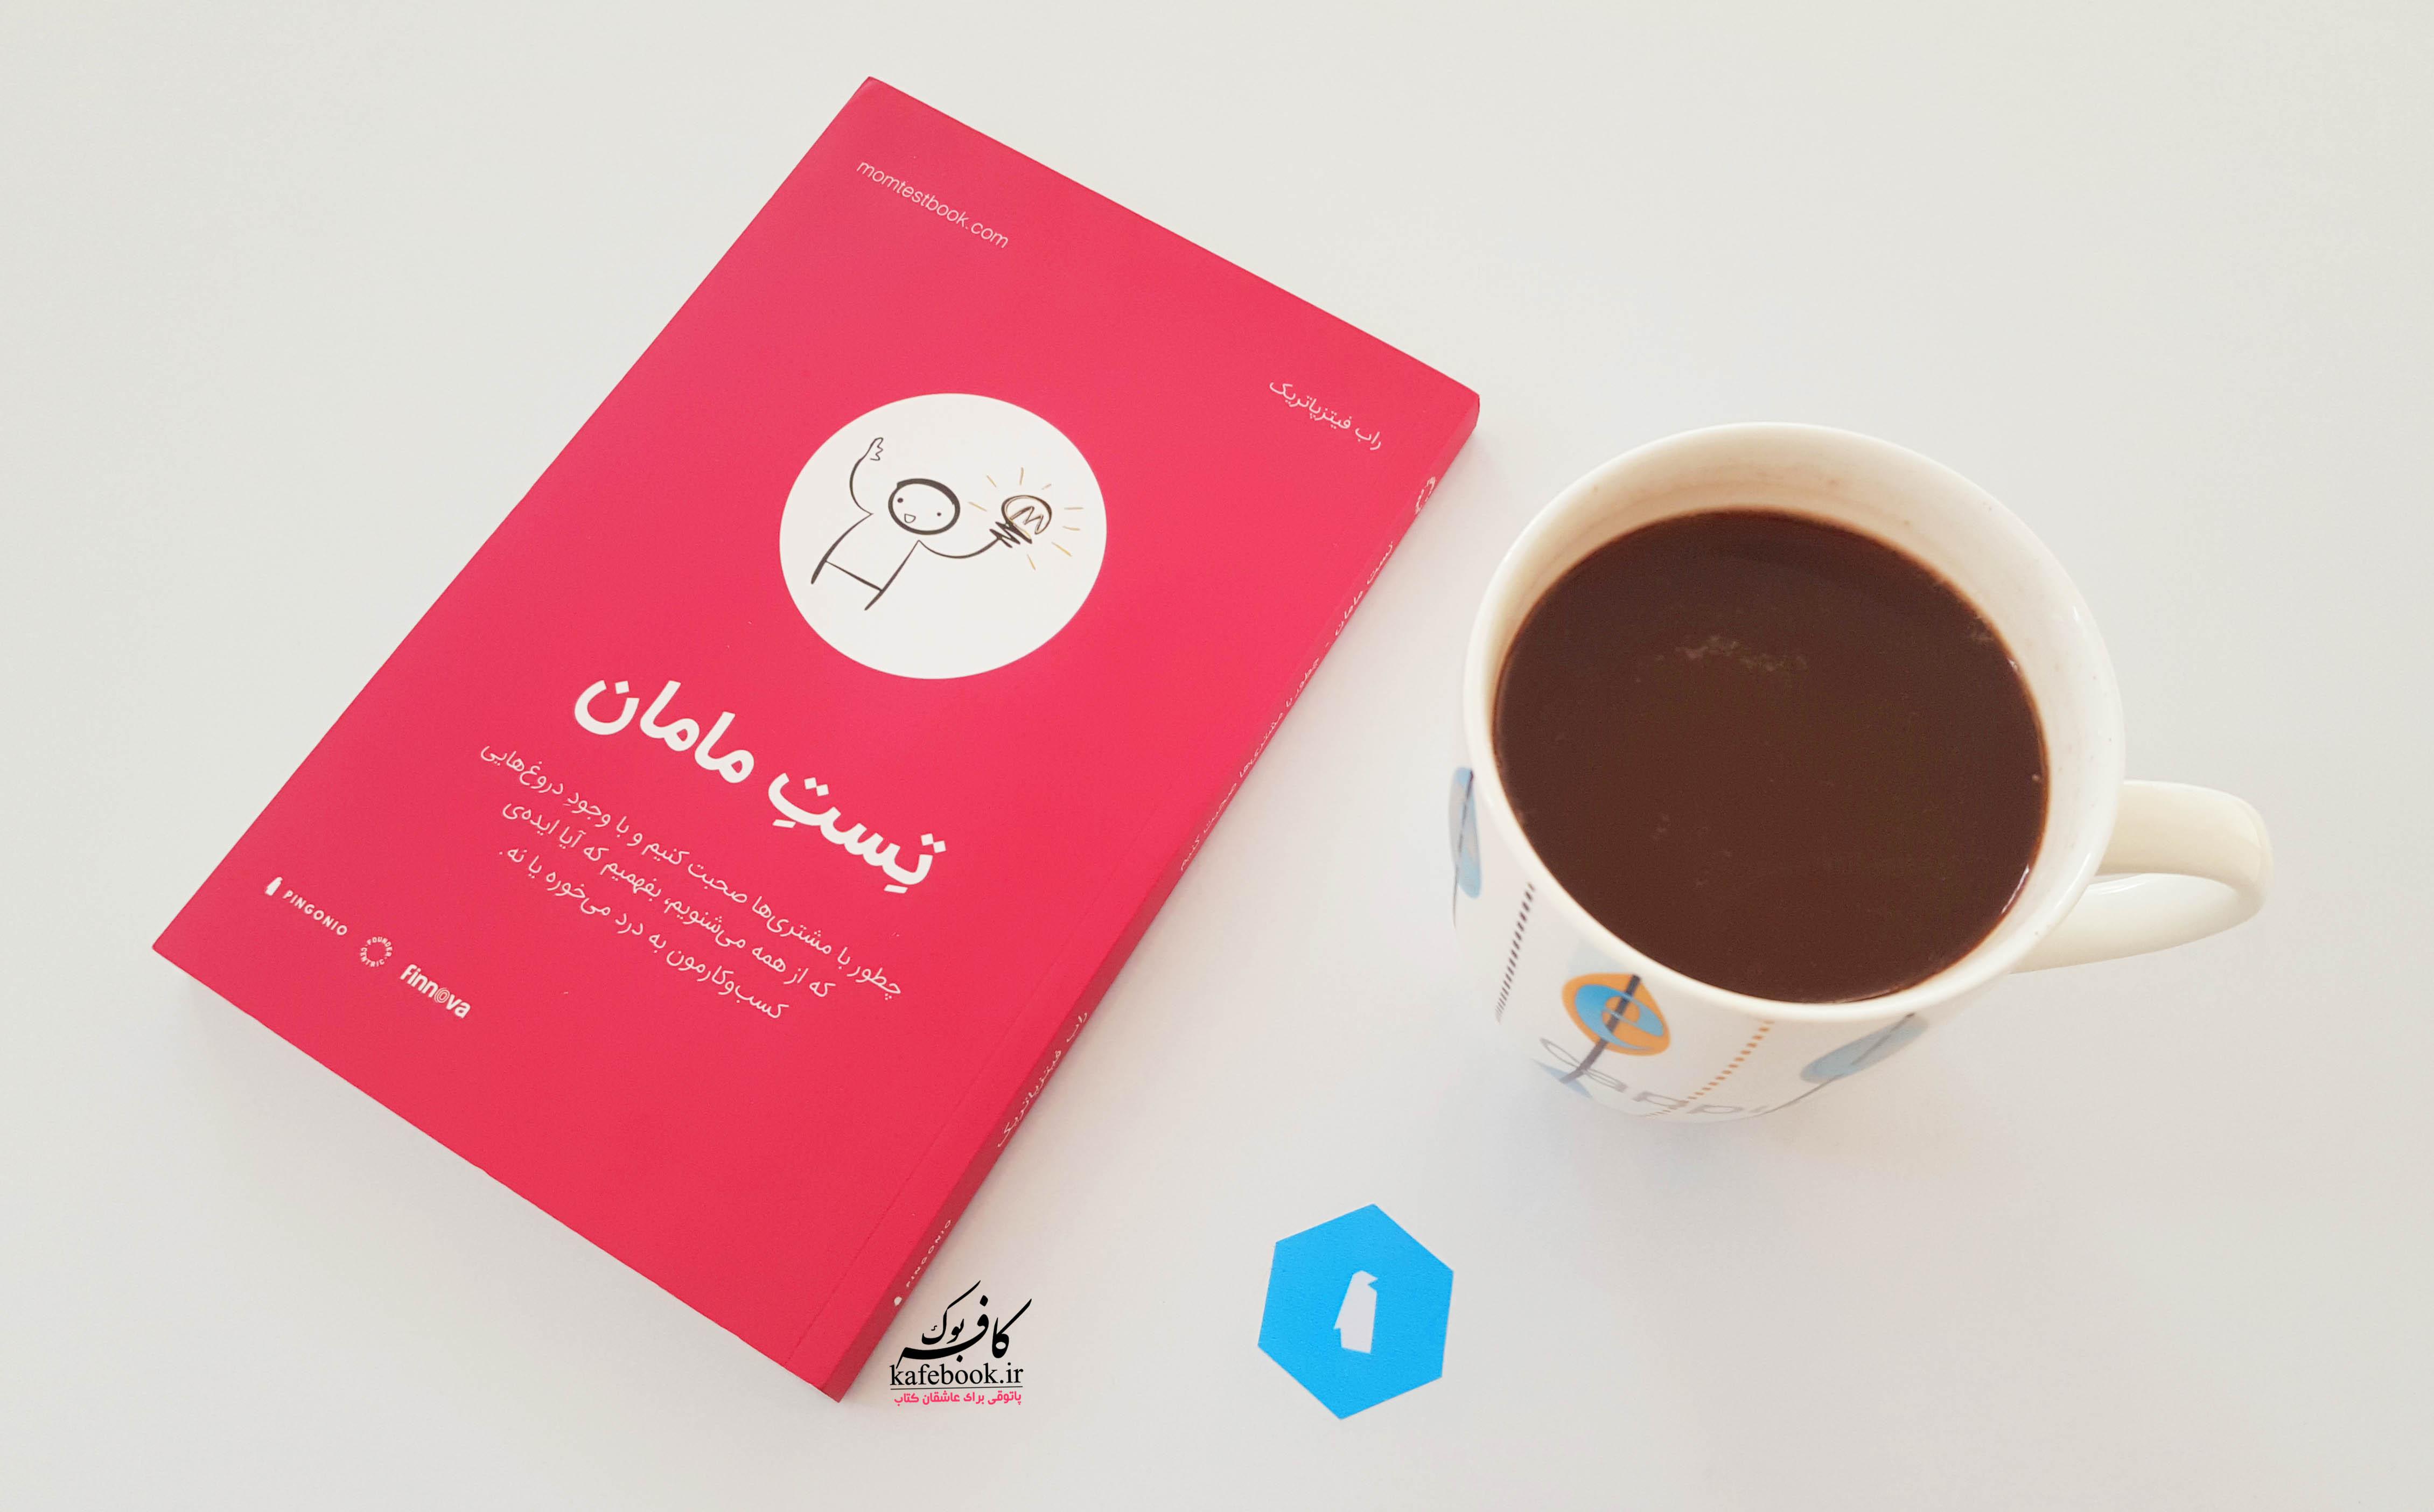 معرفی کتاب کارآفرینی - خلاصه کتاب تست مامان